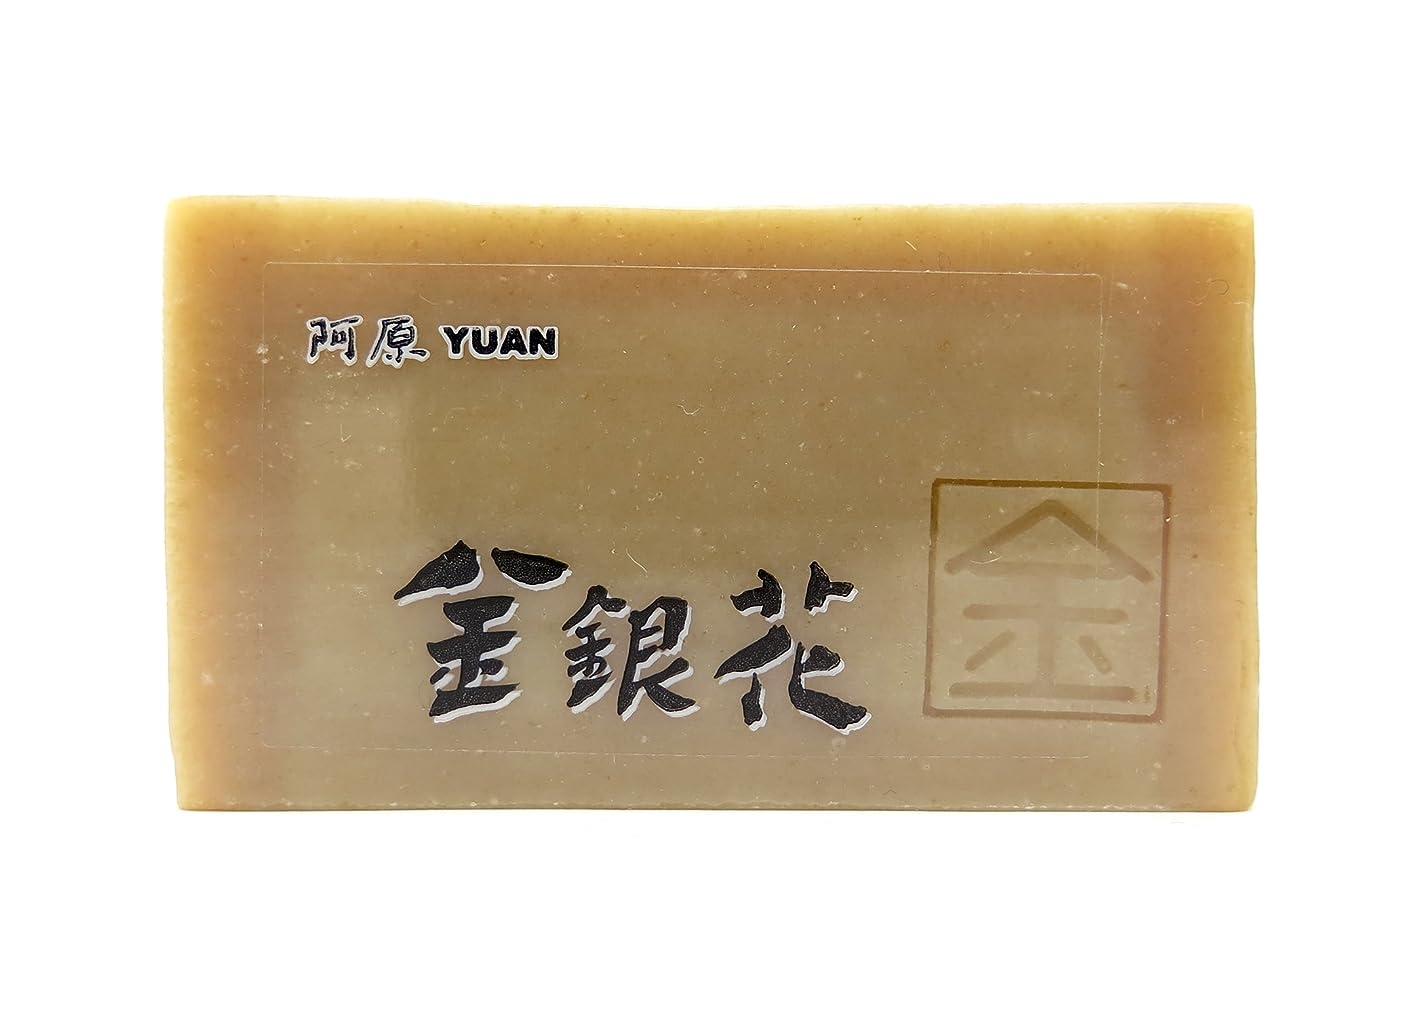 血まみれ履歴書安いですユアン(YUAN) 金銀花(きんぎんか)ソープ 固形 100g (阿原 ユアンソープ)